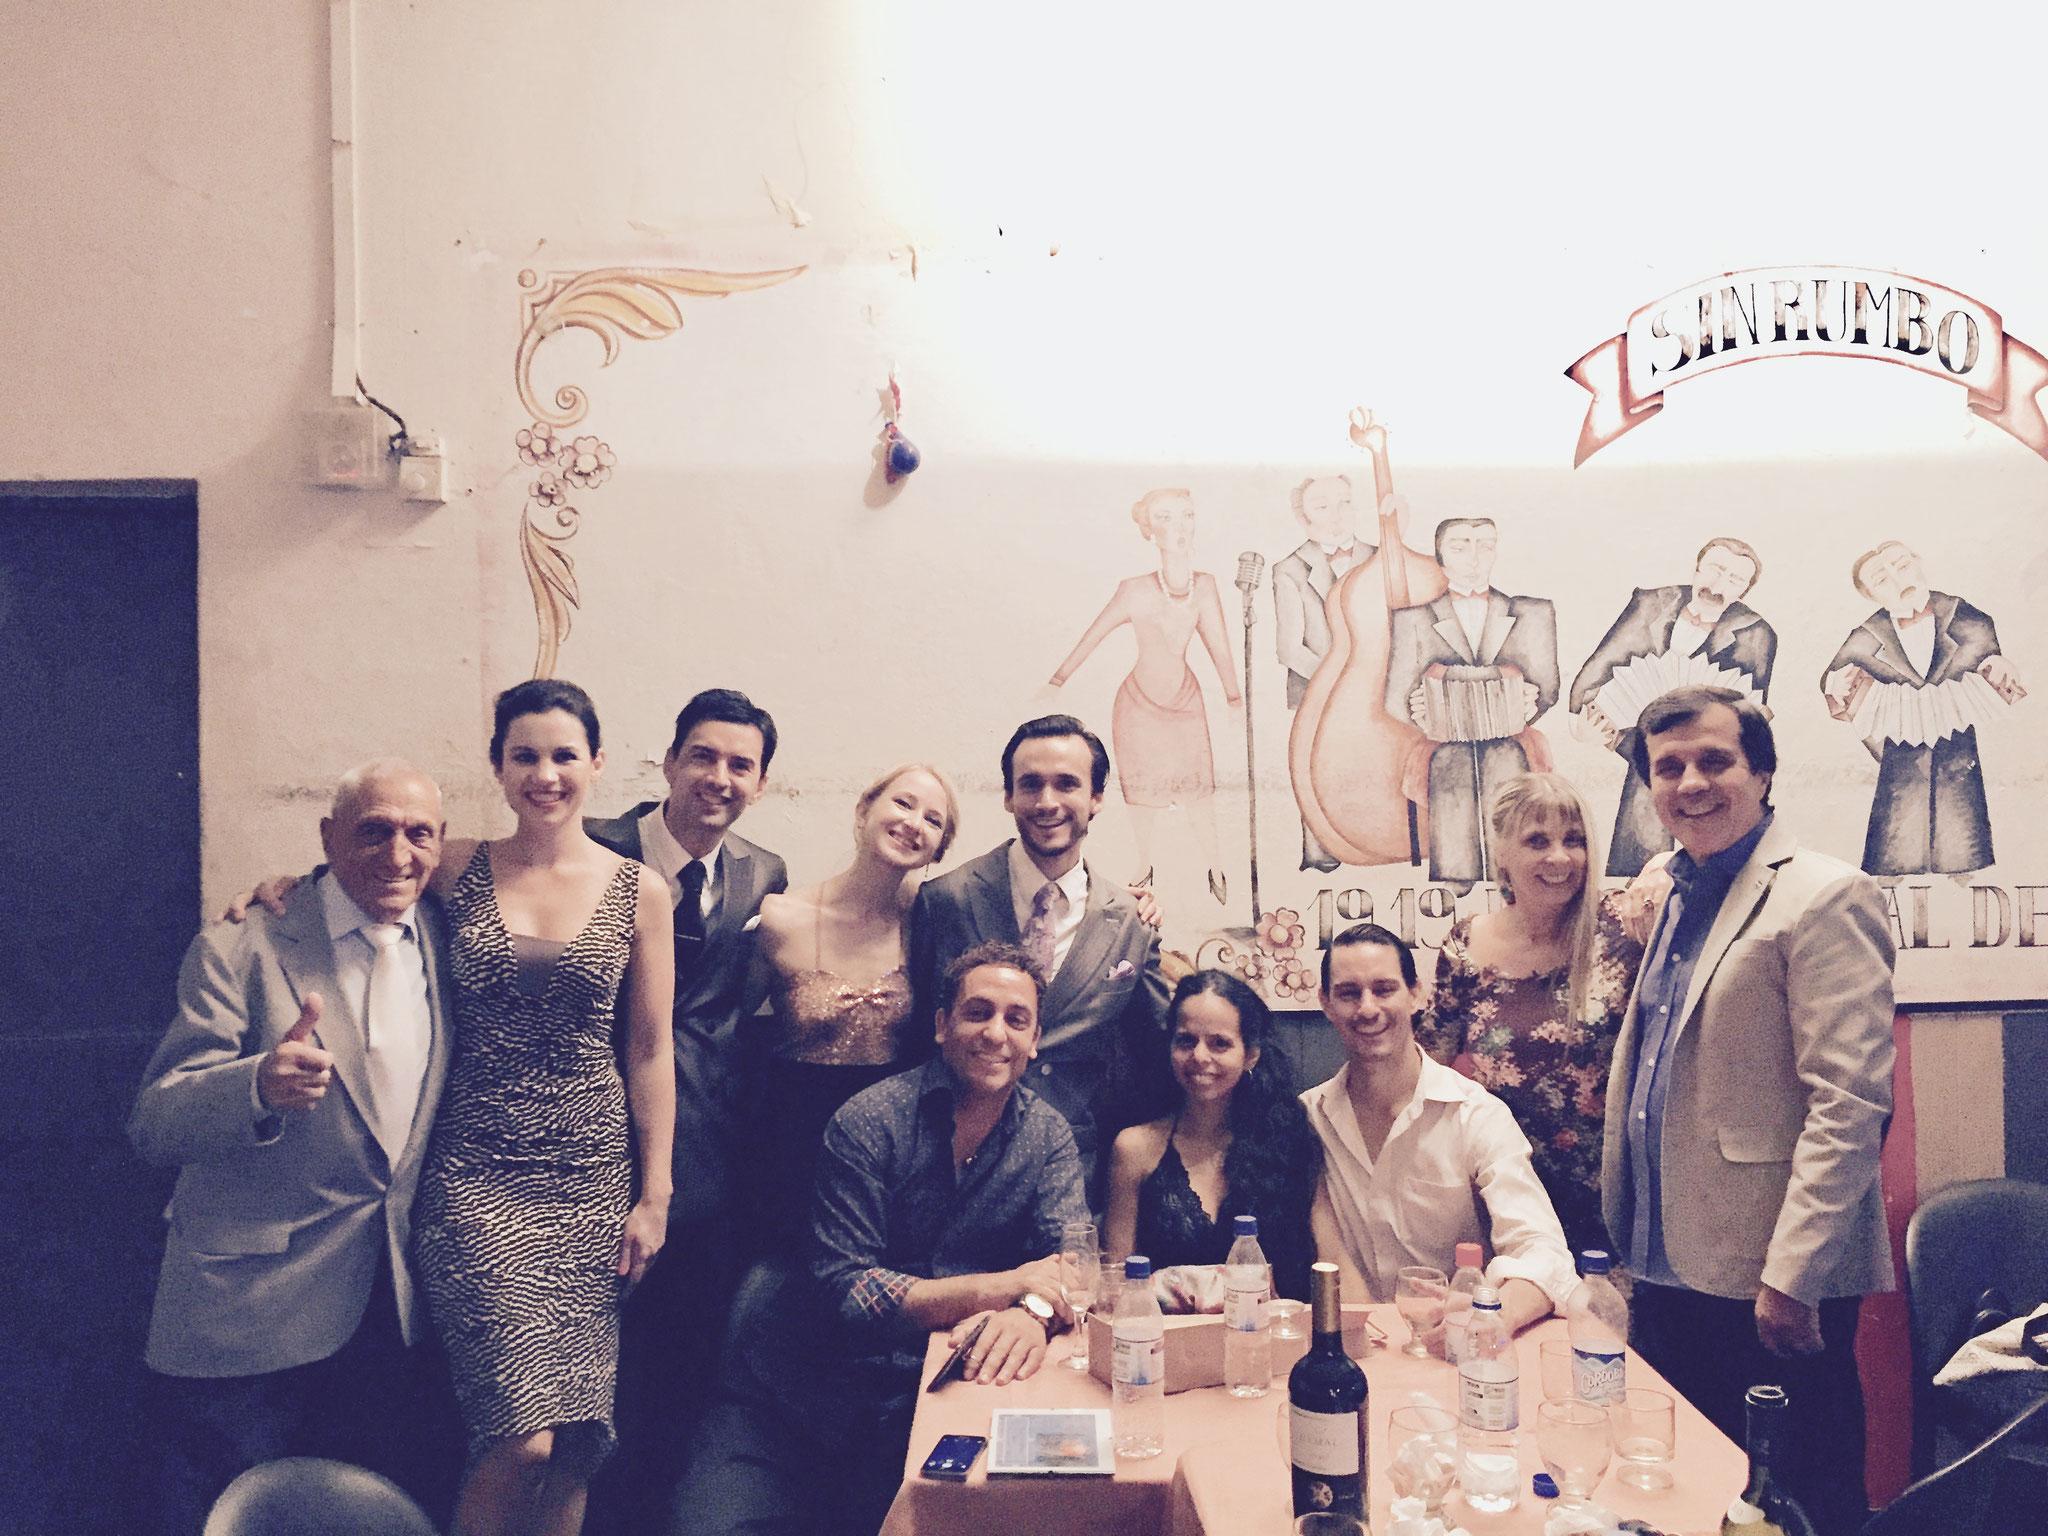 mit Freunden im Sin Rumbo